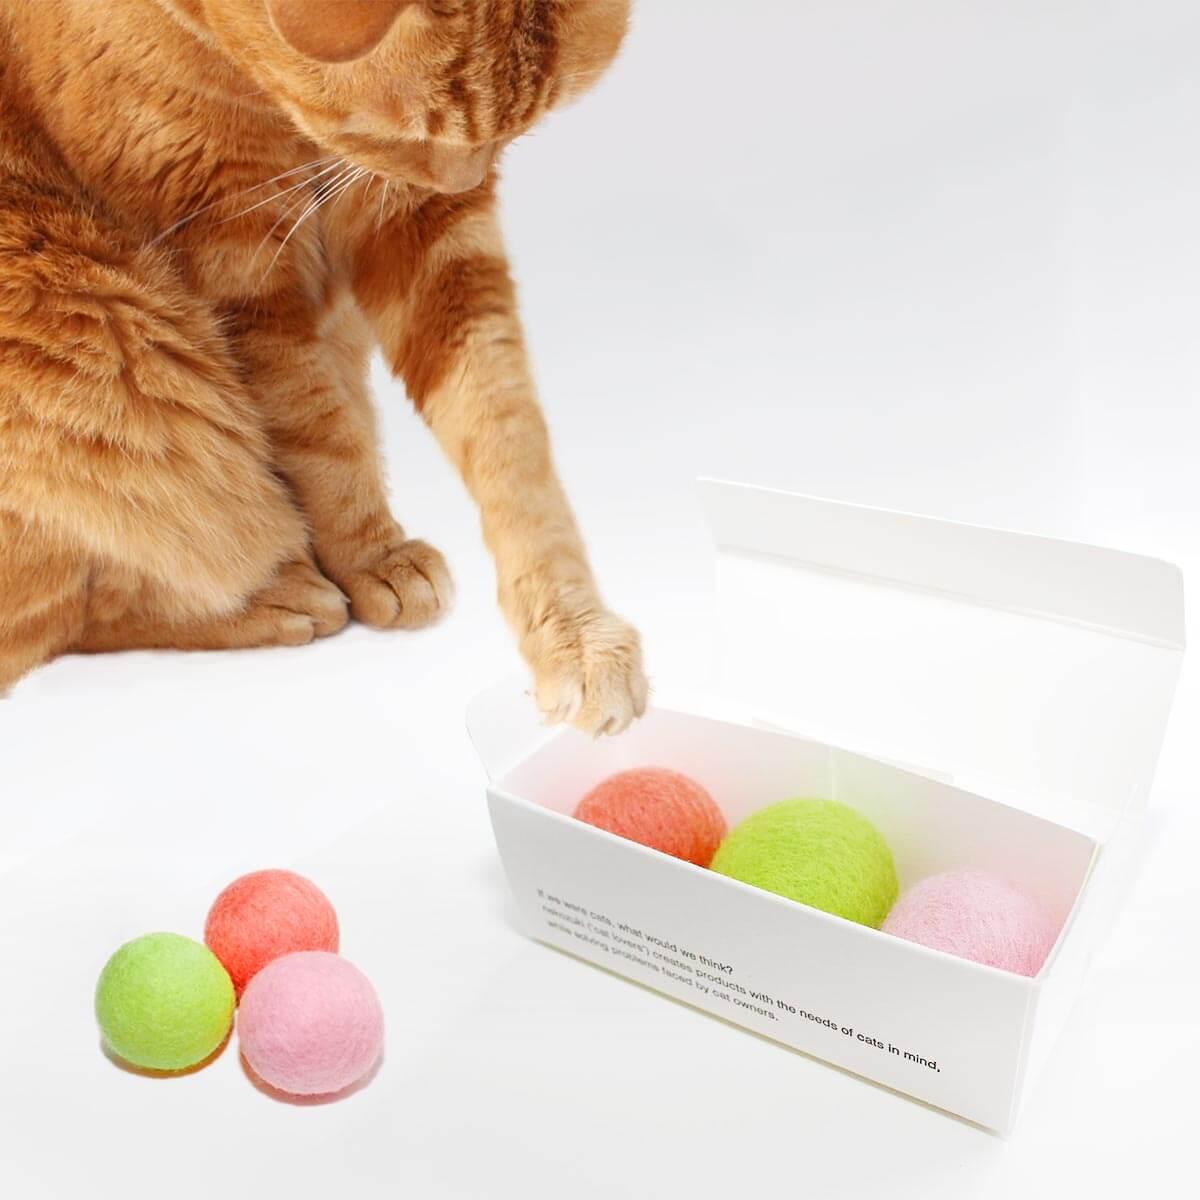 猫さんへバレンタインの贈り物に まるでチョコレートのようなボールおもちゃ 日本製 年末年始大決算 猫 おもちゃ セット 羊毛 3個 ねこずきころころ ボール 即納